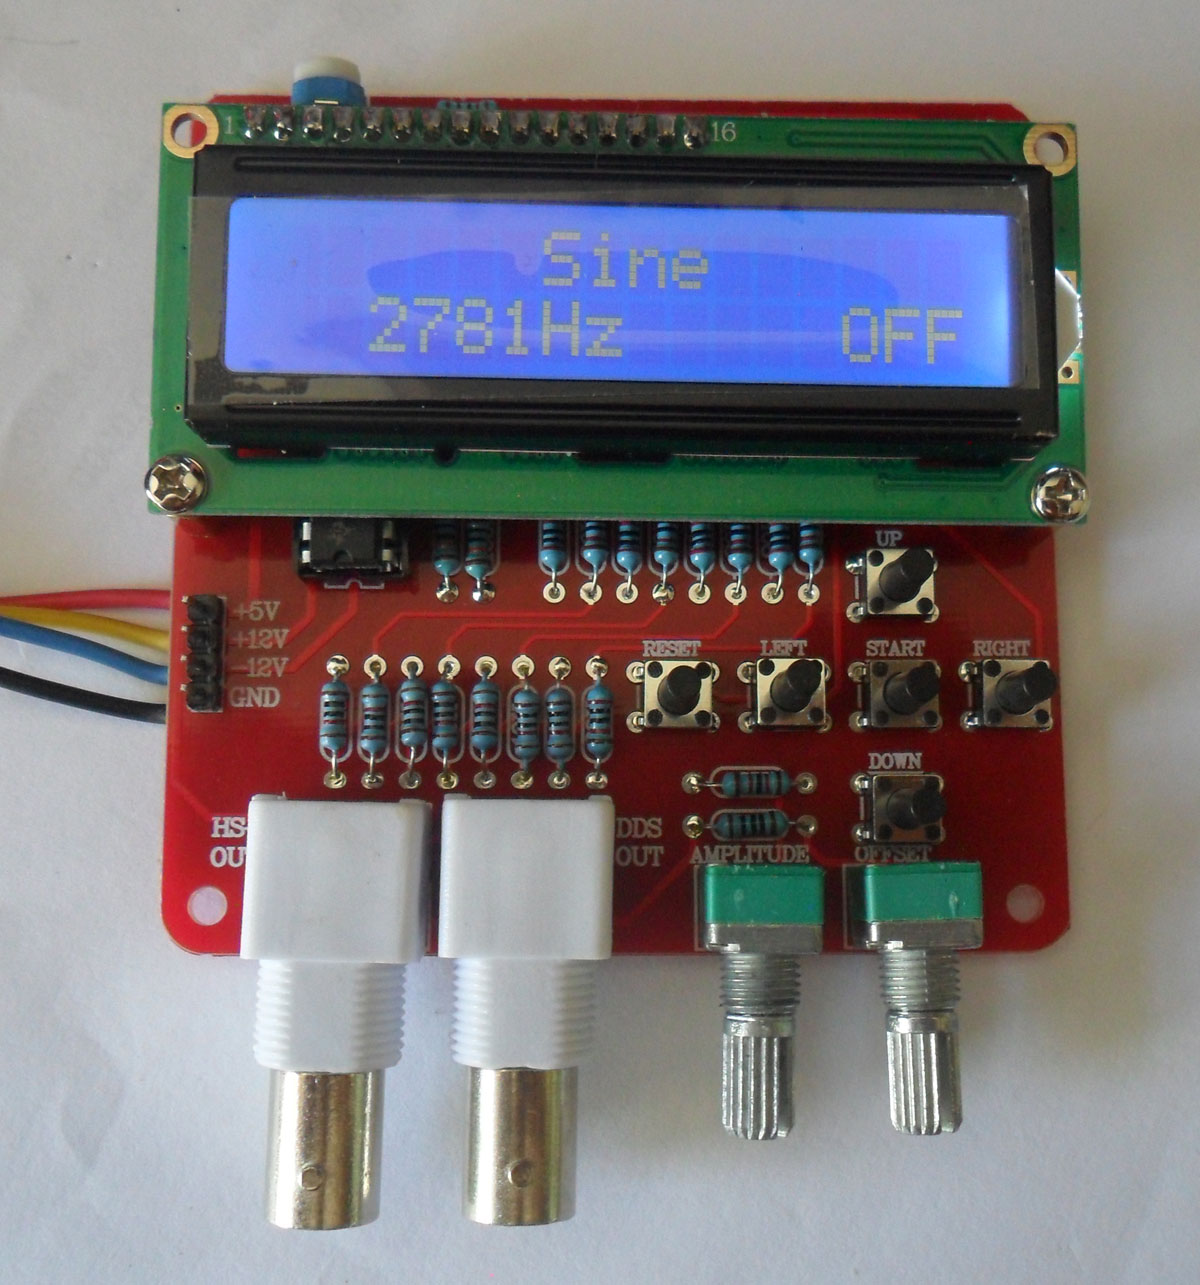 ชุดคิทวงจรกำเนิดความถี่เสียง แบบ DDS ( 1 ถึง 65.535 KHz)